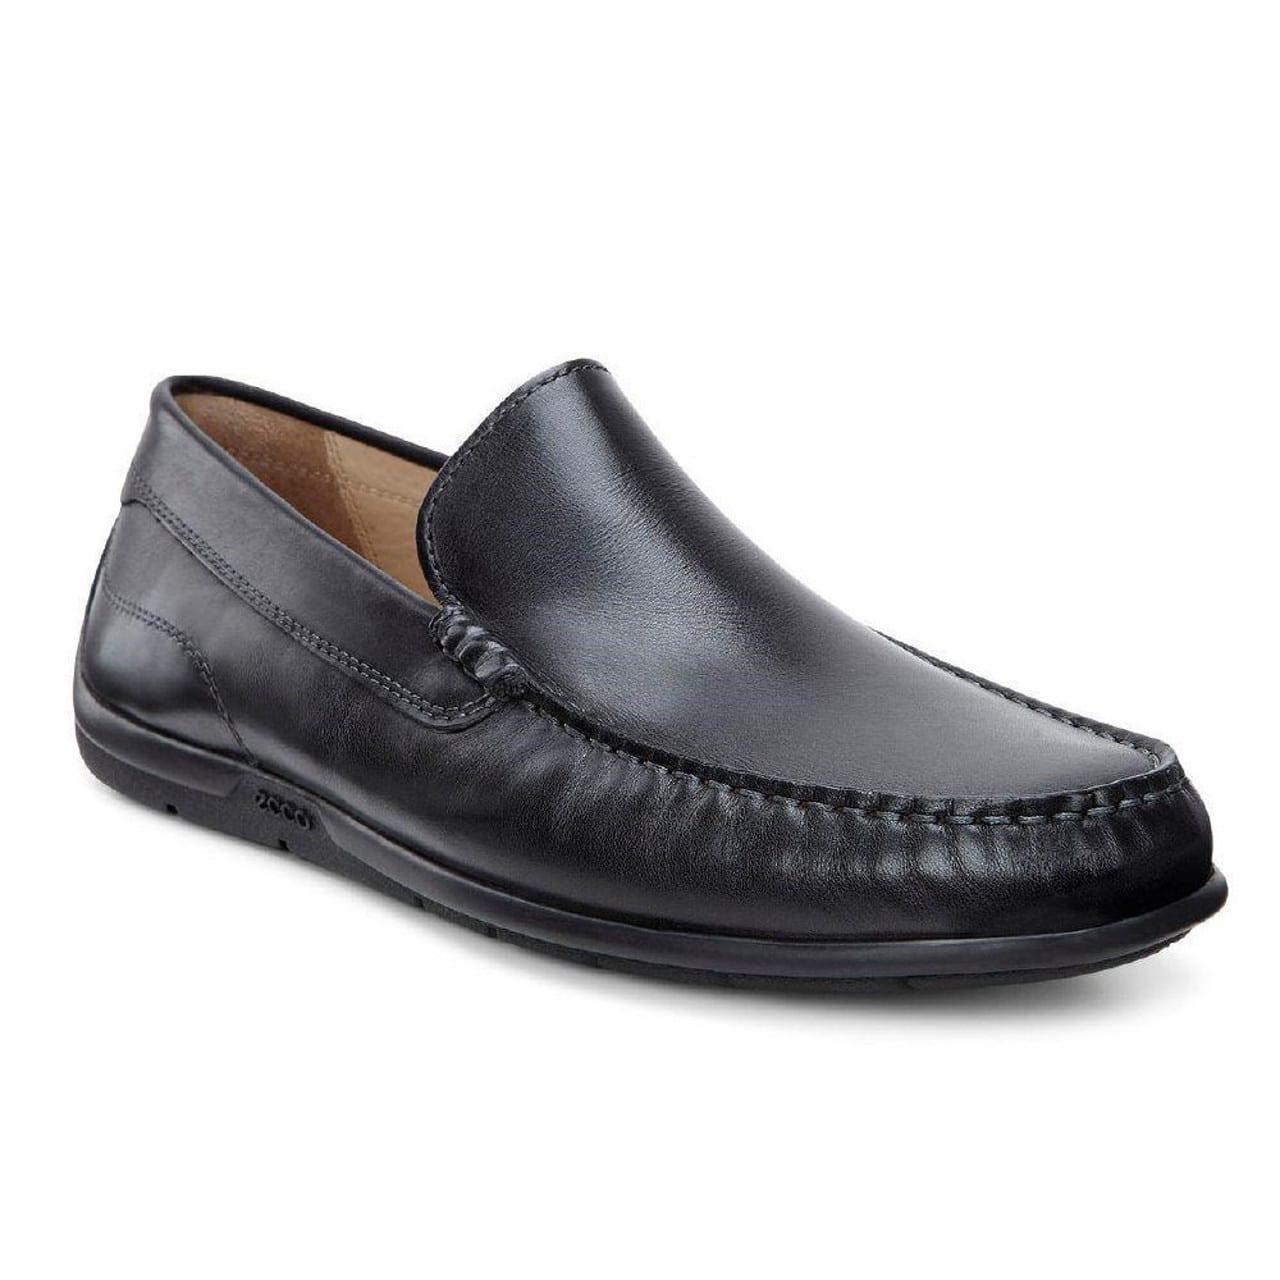 66d472d9a4c ECCO CLASSIC MOC 2.0 - 121 Shoes